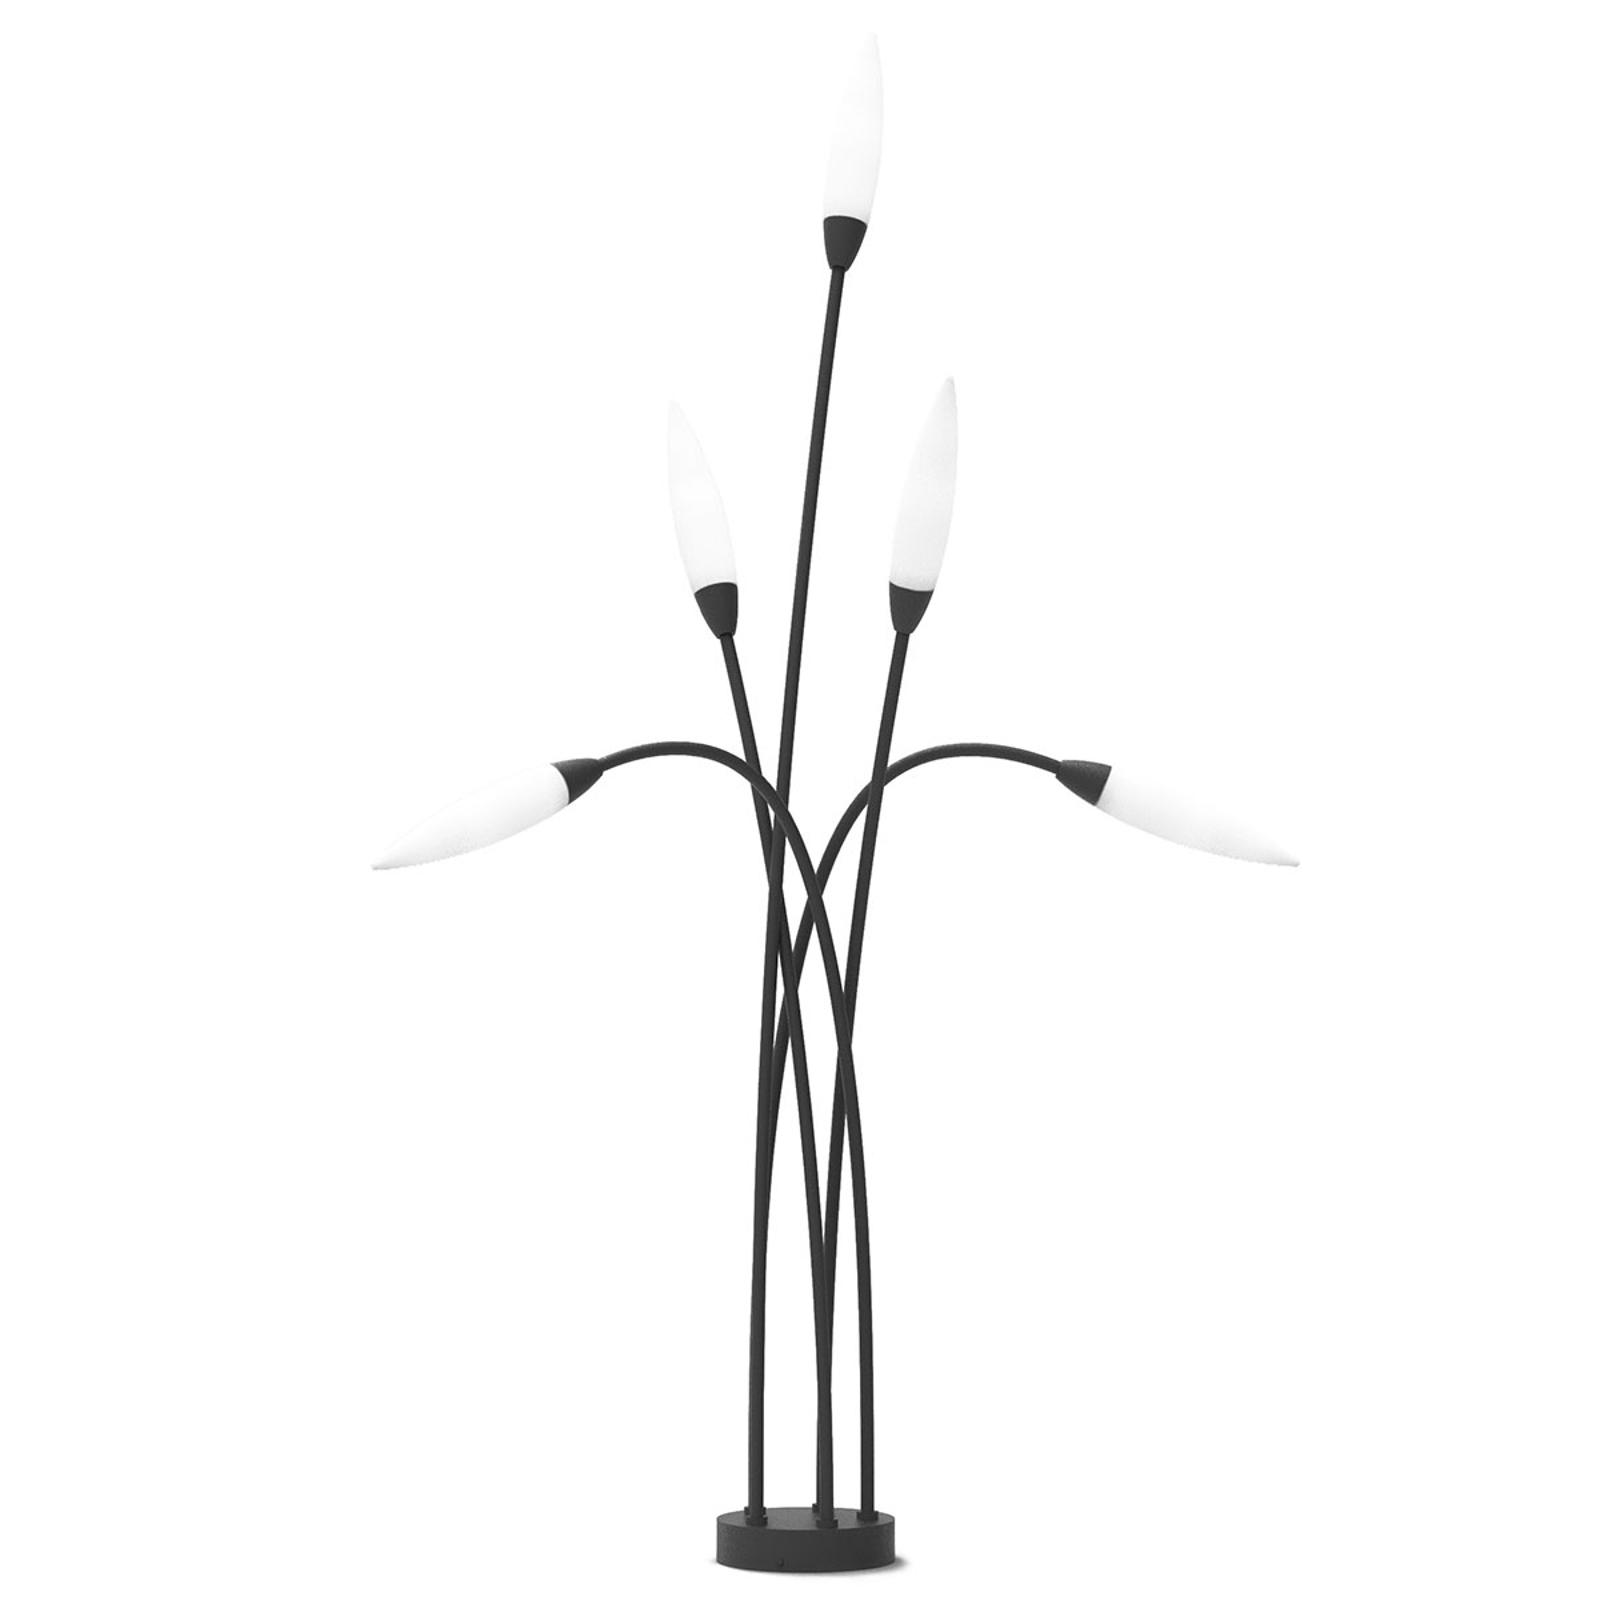 Tuinpadverlichting Espiga voor de buiten, 5lamps